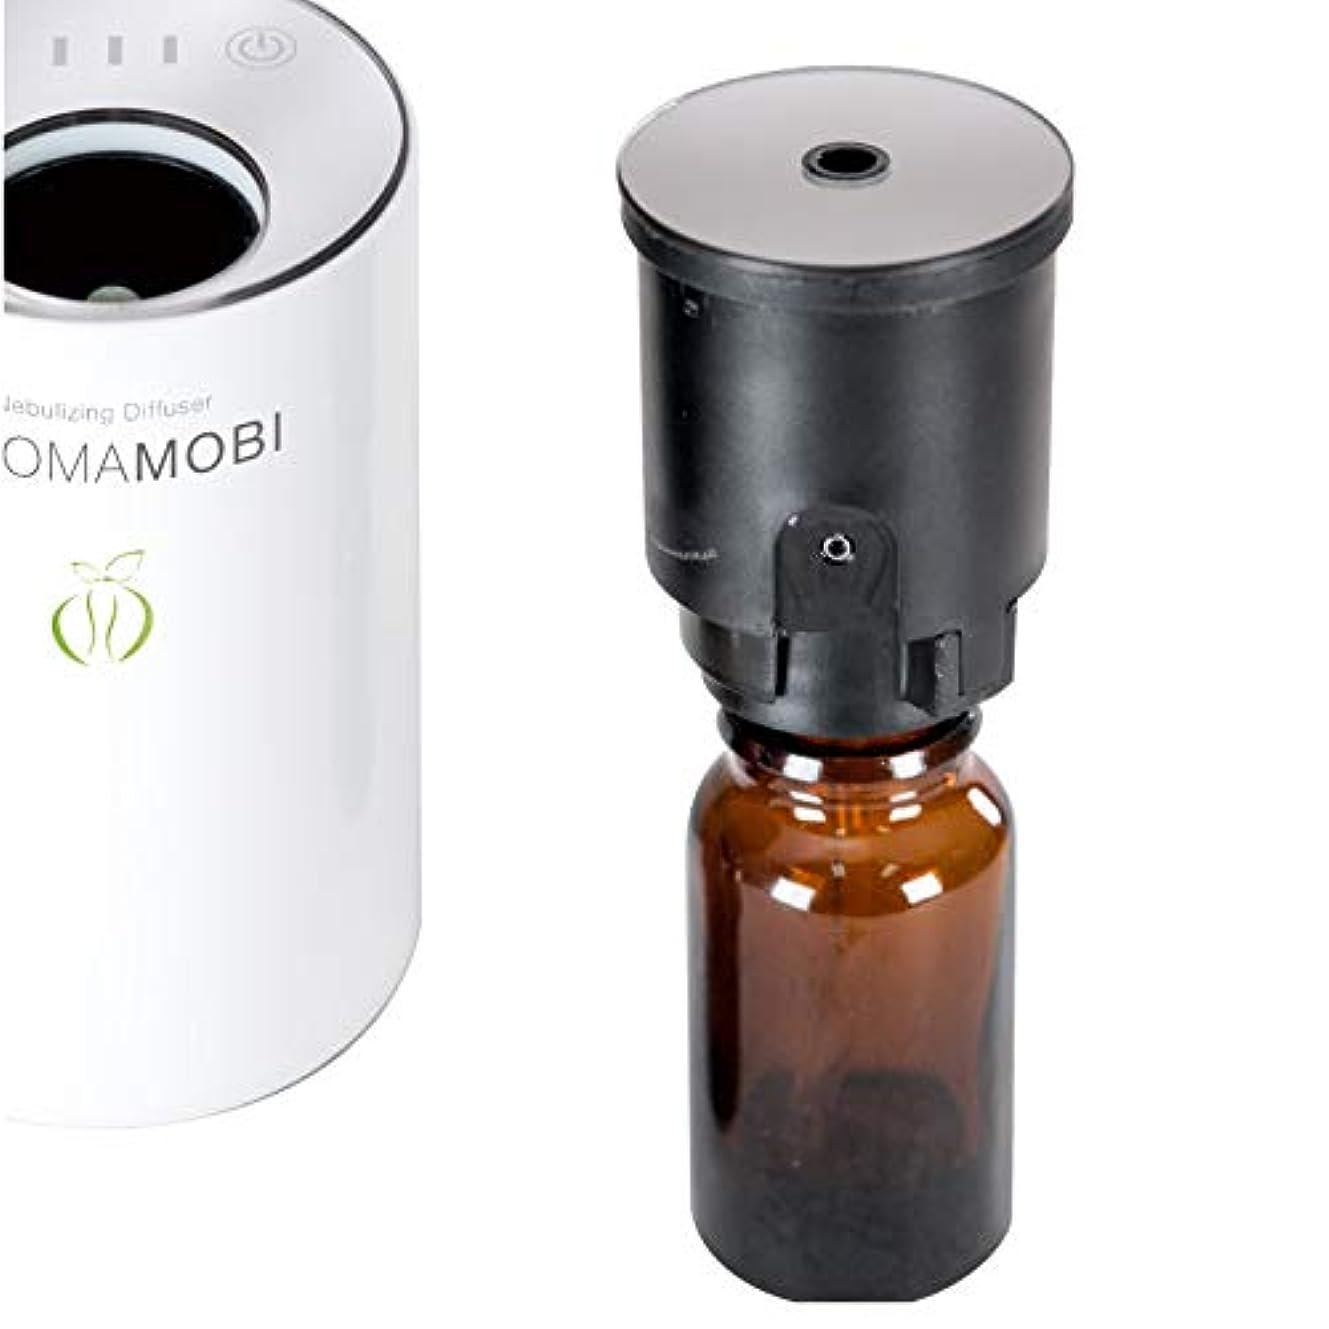 ショッピングセンター頻繁に視線funks アロマモビ 専用 交換用 ノズル ボトルセット aromamobi アロマディフューザー